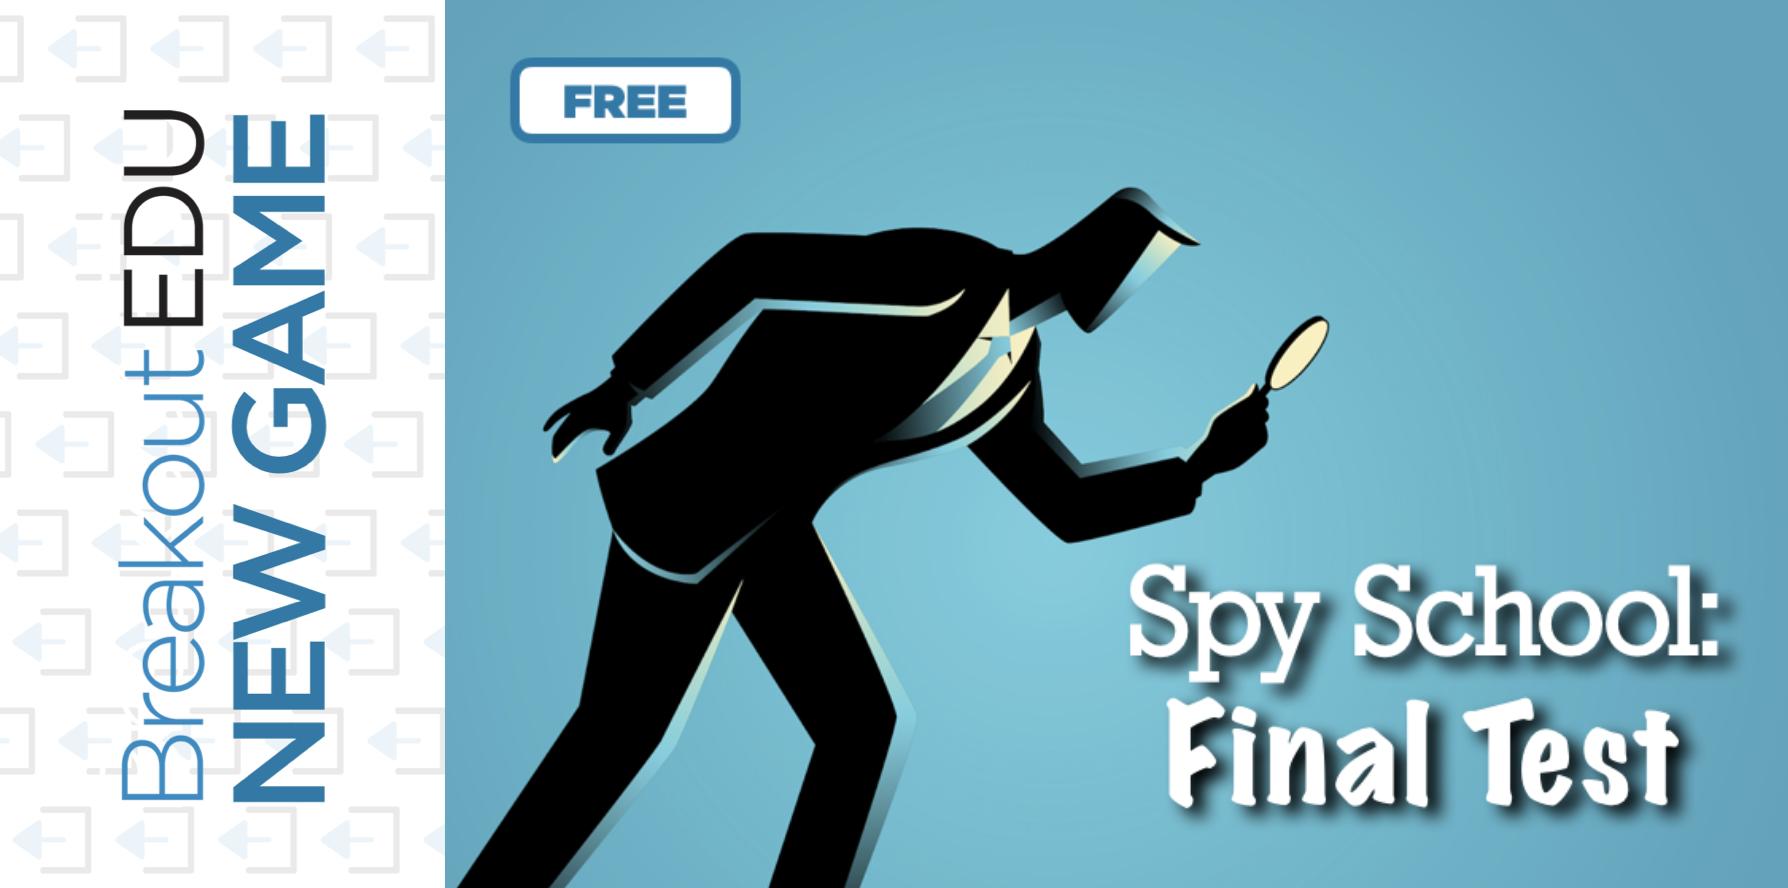 spy-school-final-test.png